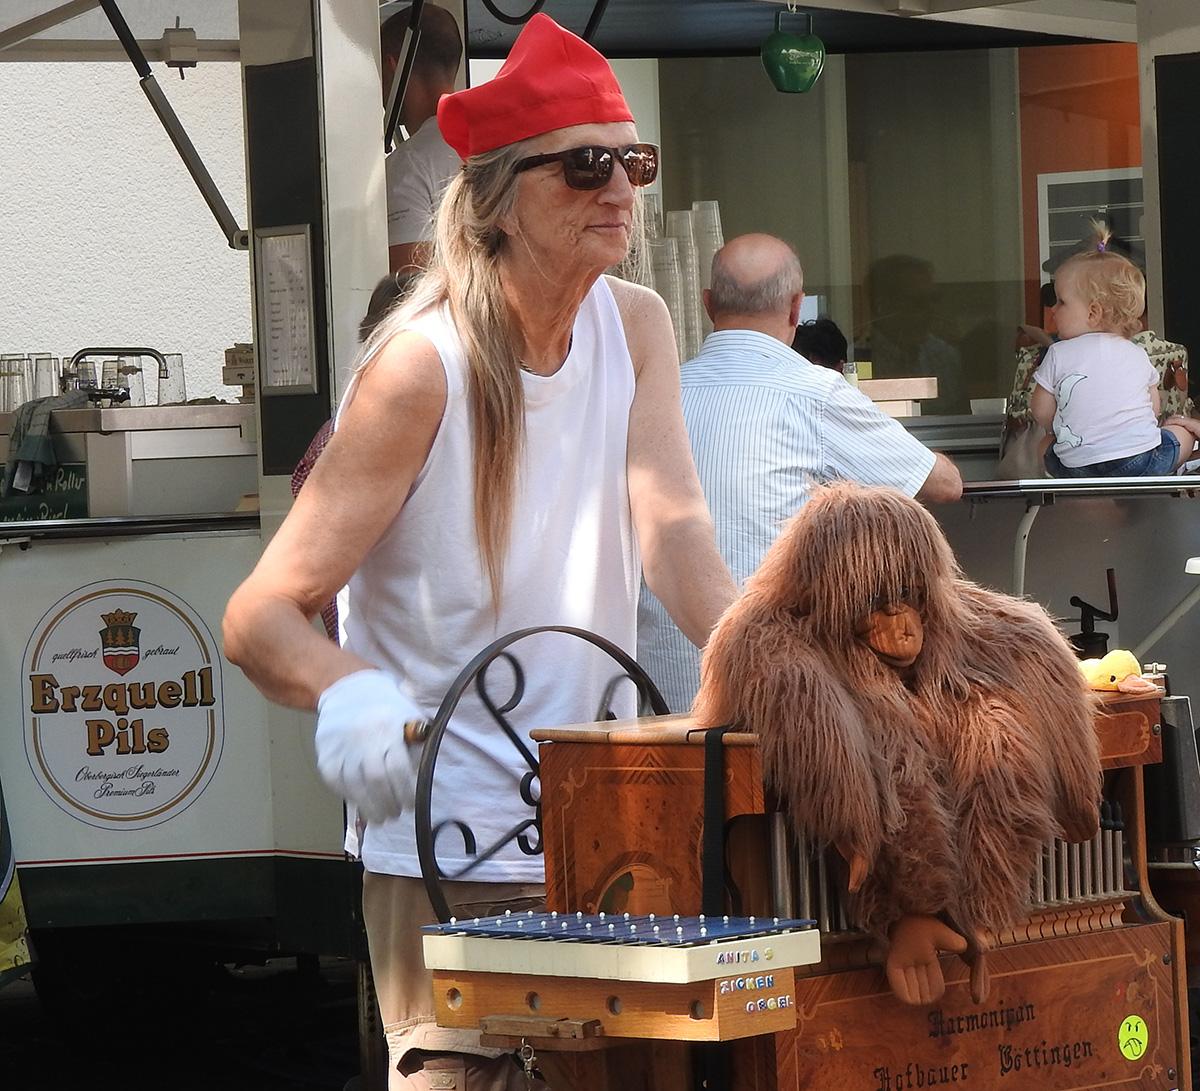 Paula, die Orgel und der Affe. Gehören einfach zum Stadtbild.